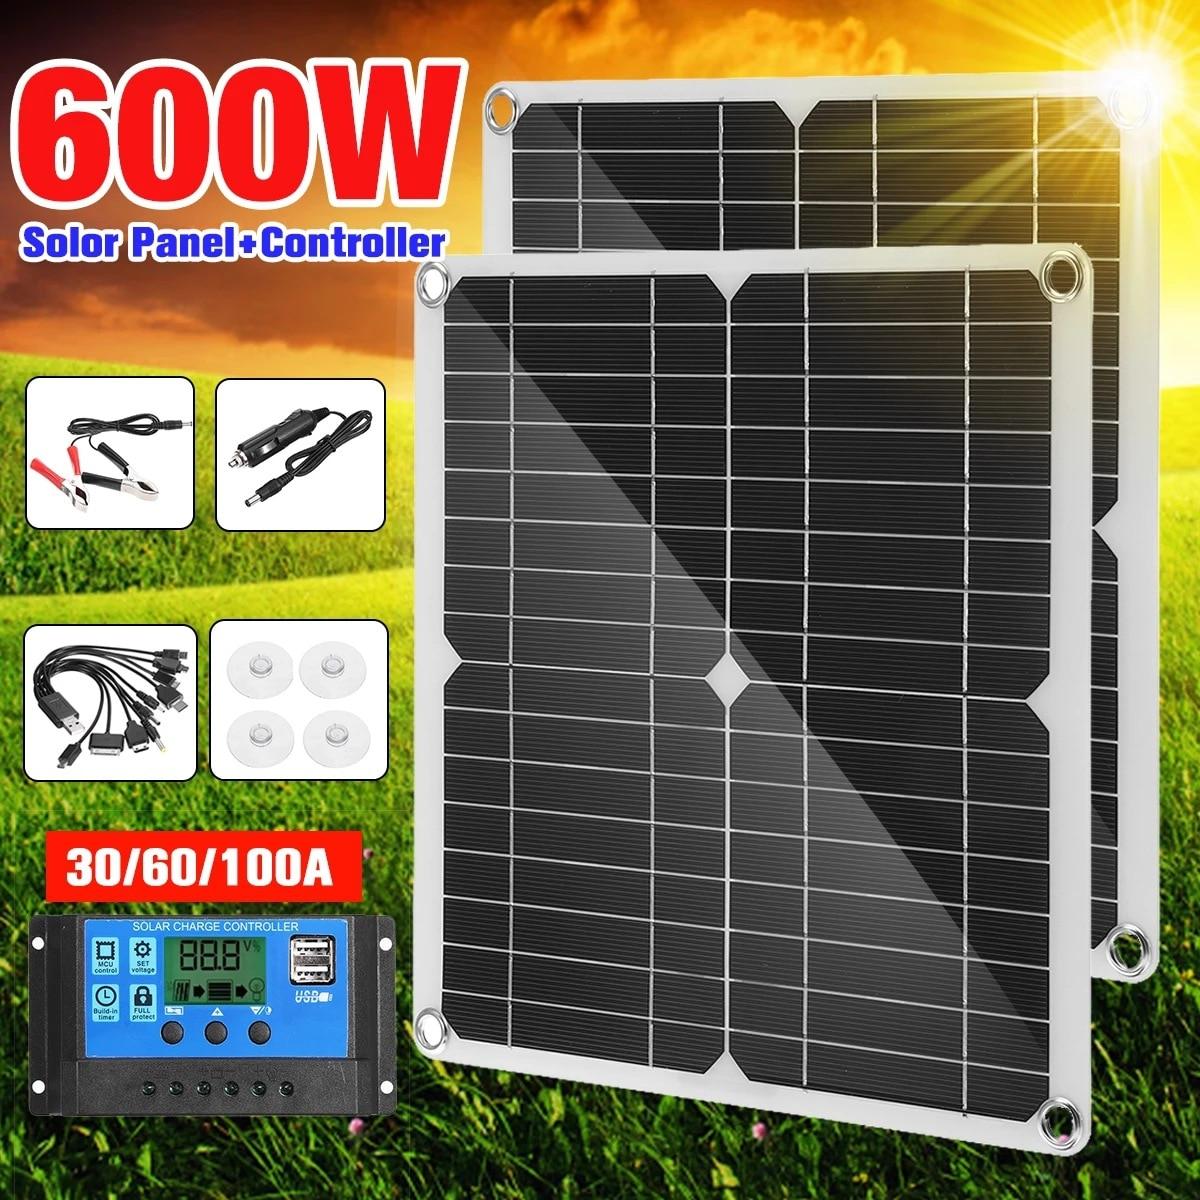 20 واط 50W18V مرنة لوحة طاقة شمسية مزدوجة USB الناتج لوحة طاقة شمسية سيارة وشحن شاحن الهاتف المحمول